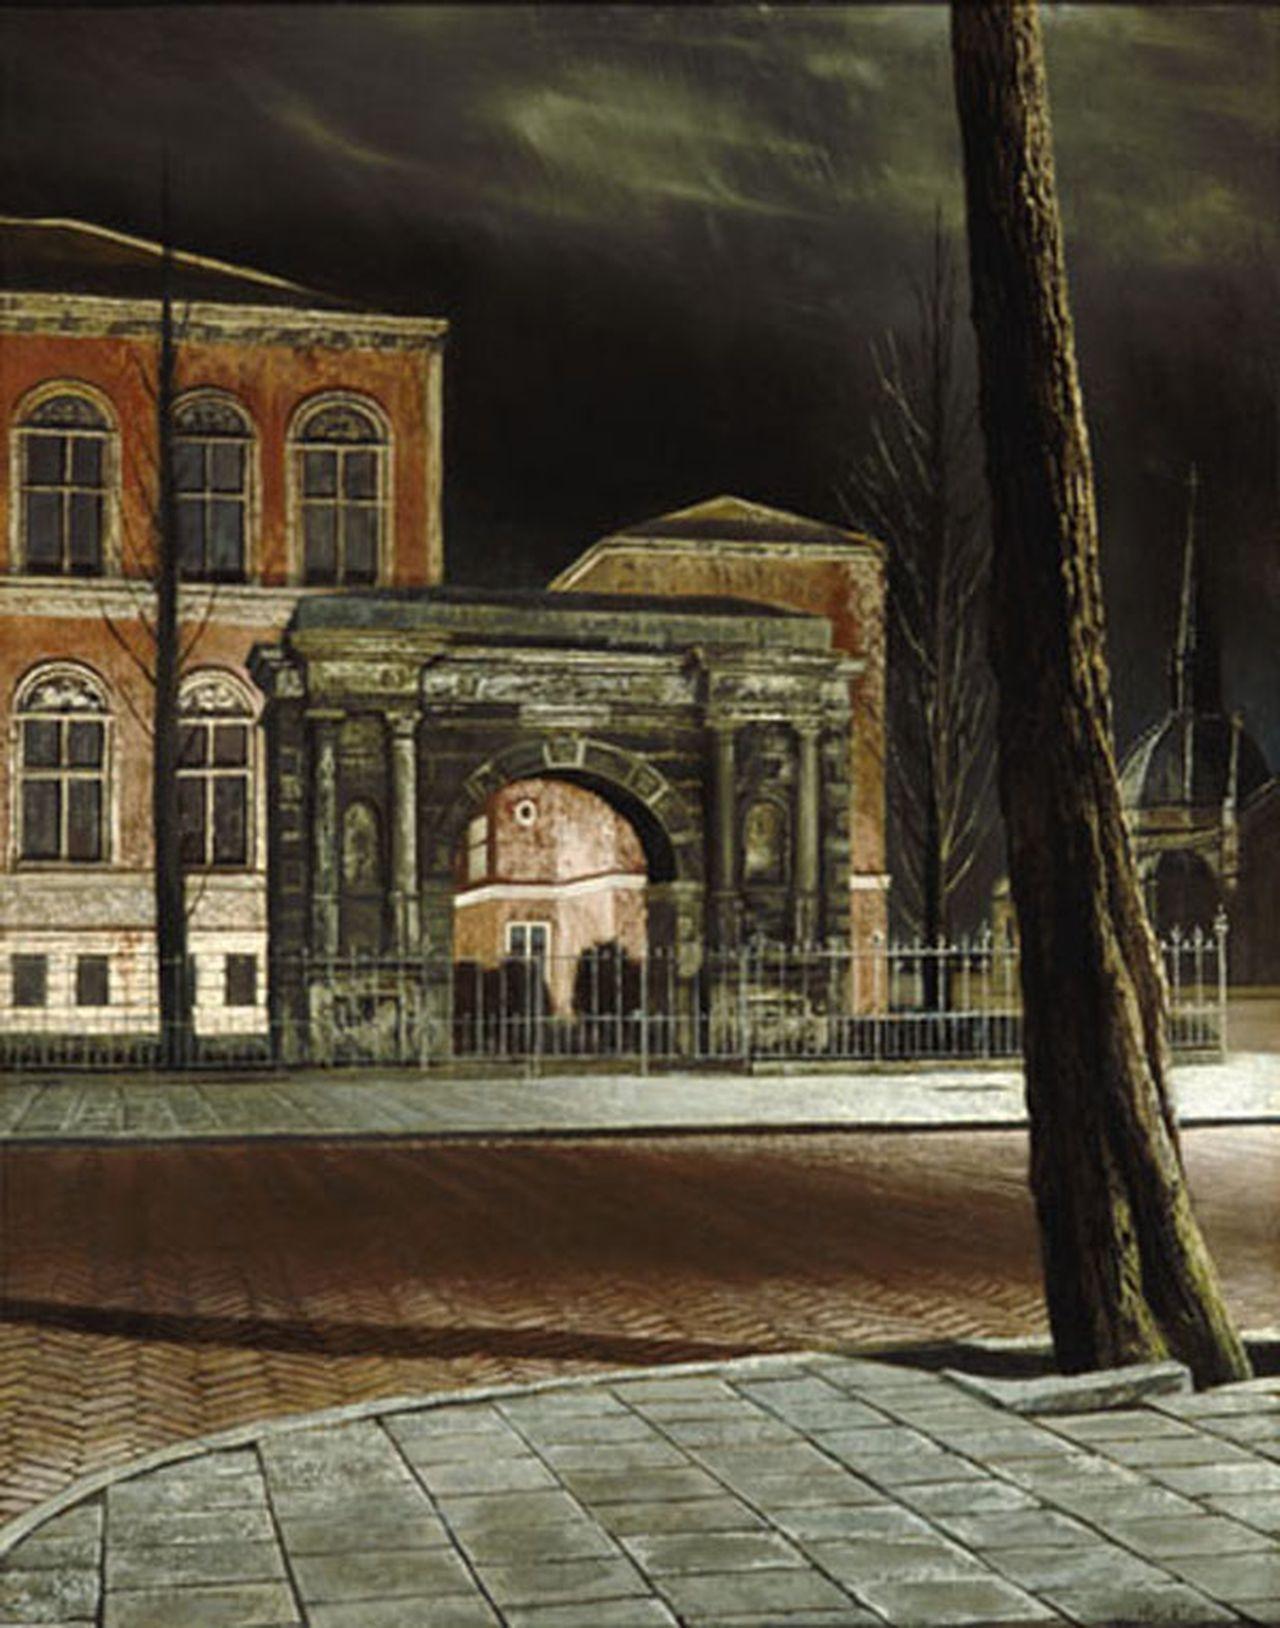 Museum bij avond (1950), Rijksmuseum, hoek Jan Luijkenstraat en Paulus Potterstraat, met Groningse poort  (schilderij)